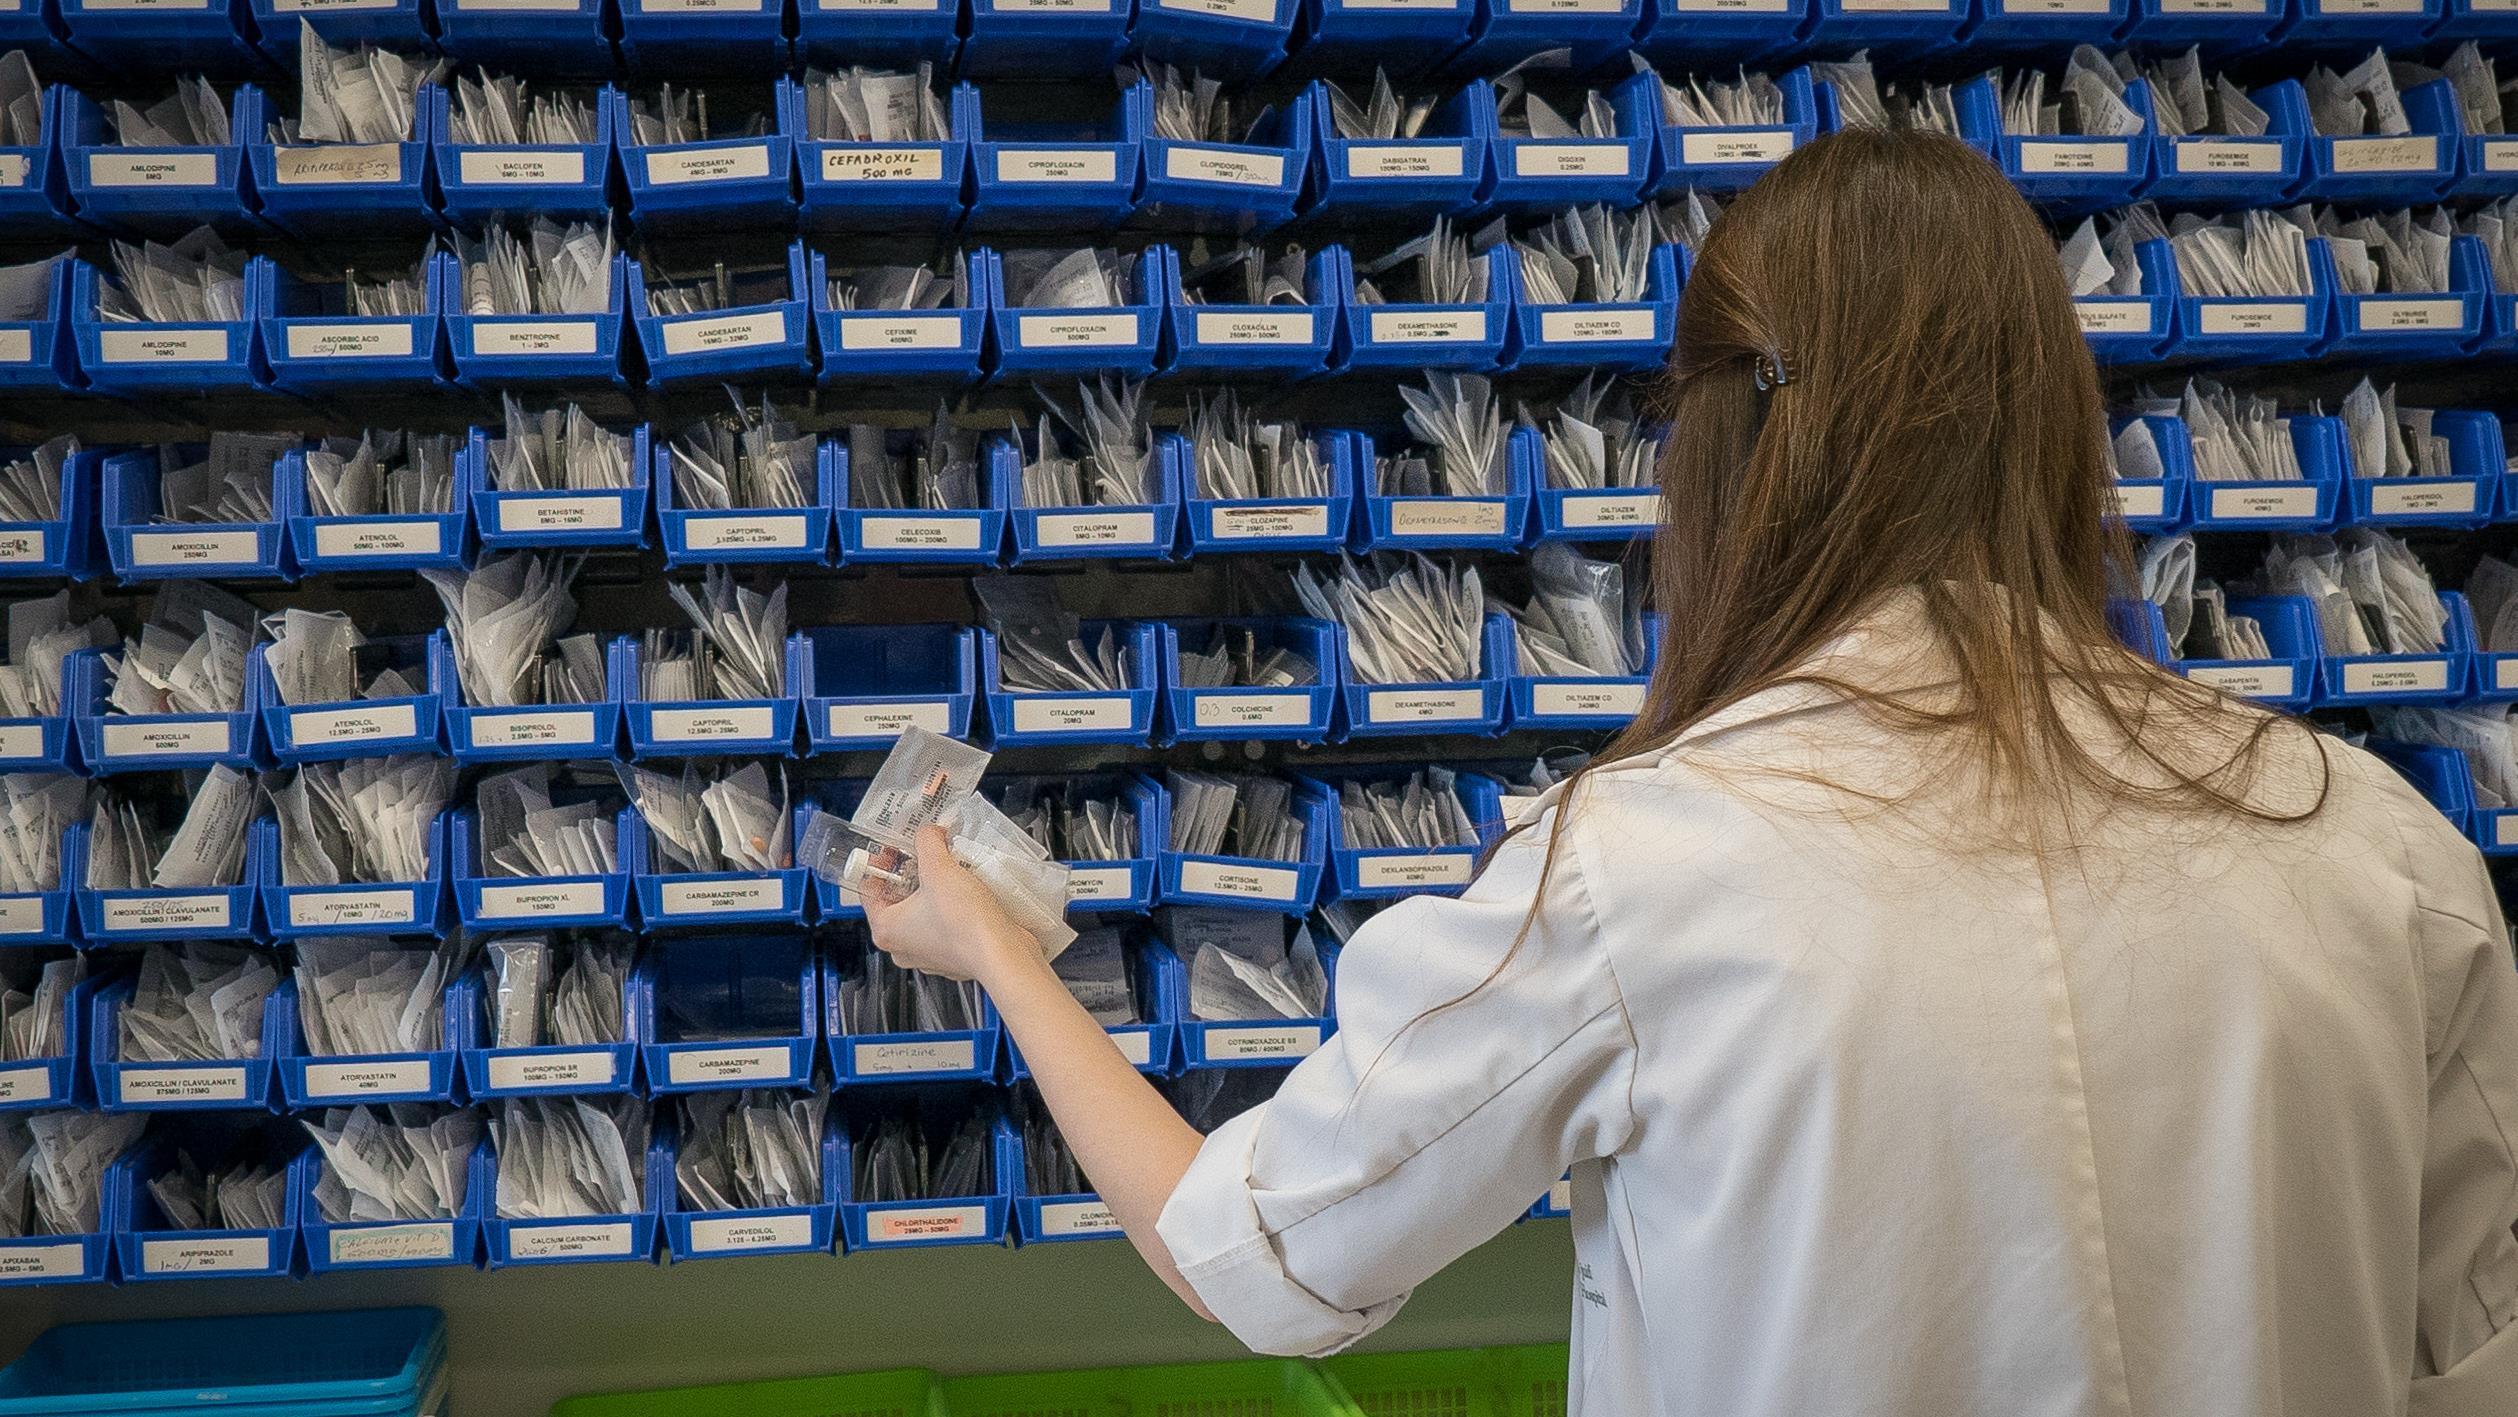 Des médicaments destinés aux patients sont classés dans les casiers de la pharmacie de l'hôpital.